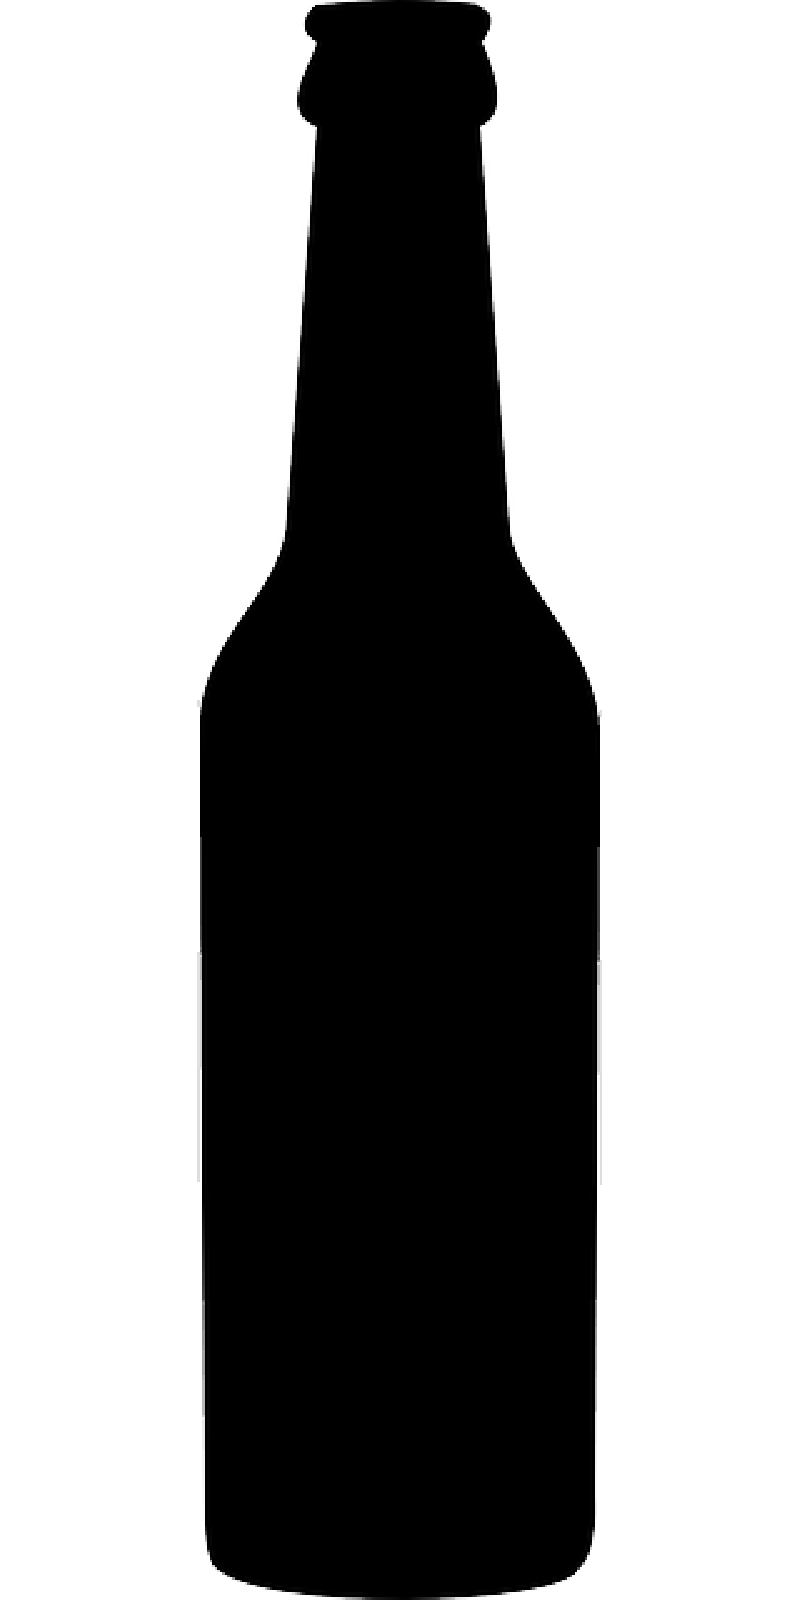 Clipart beer bottel. Bottle free download best